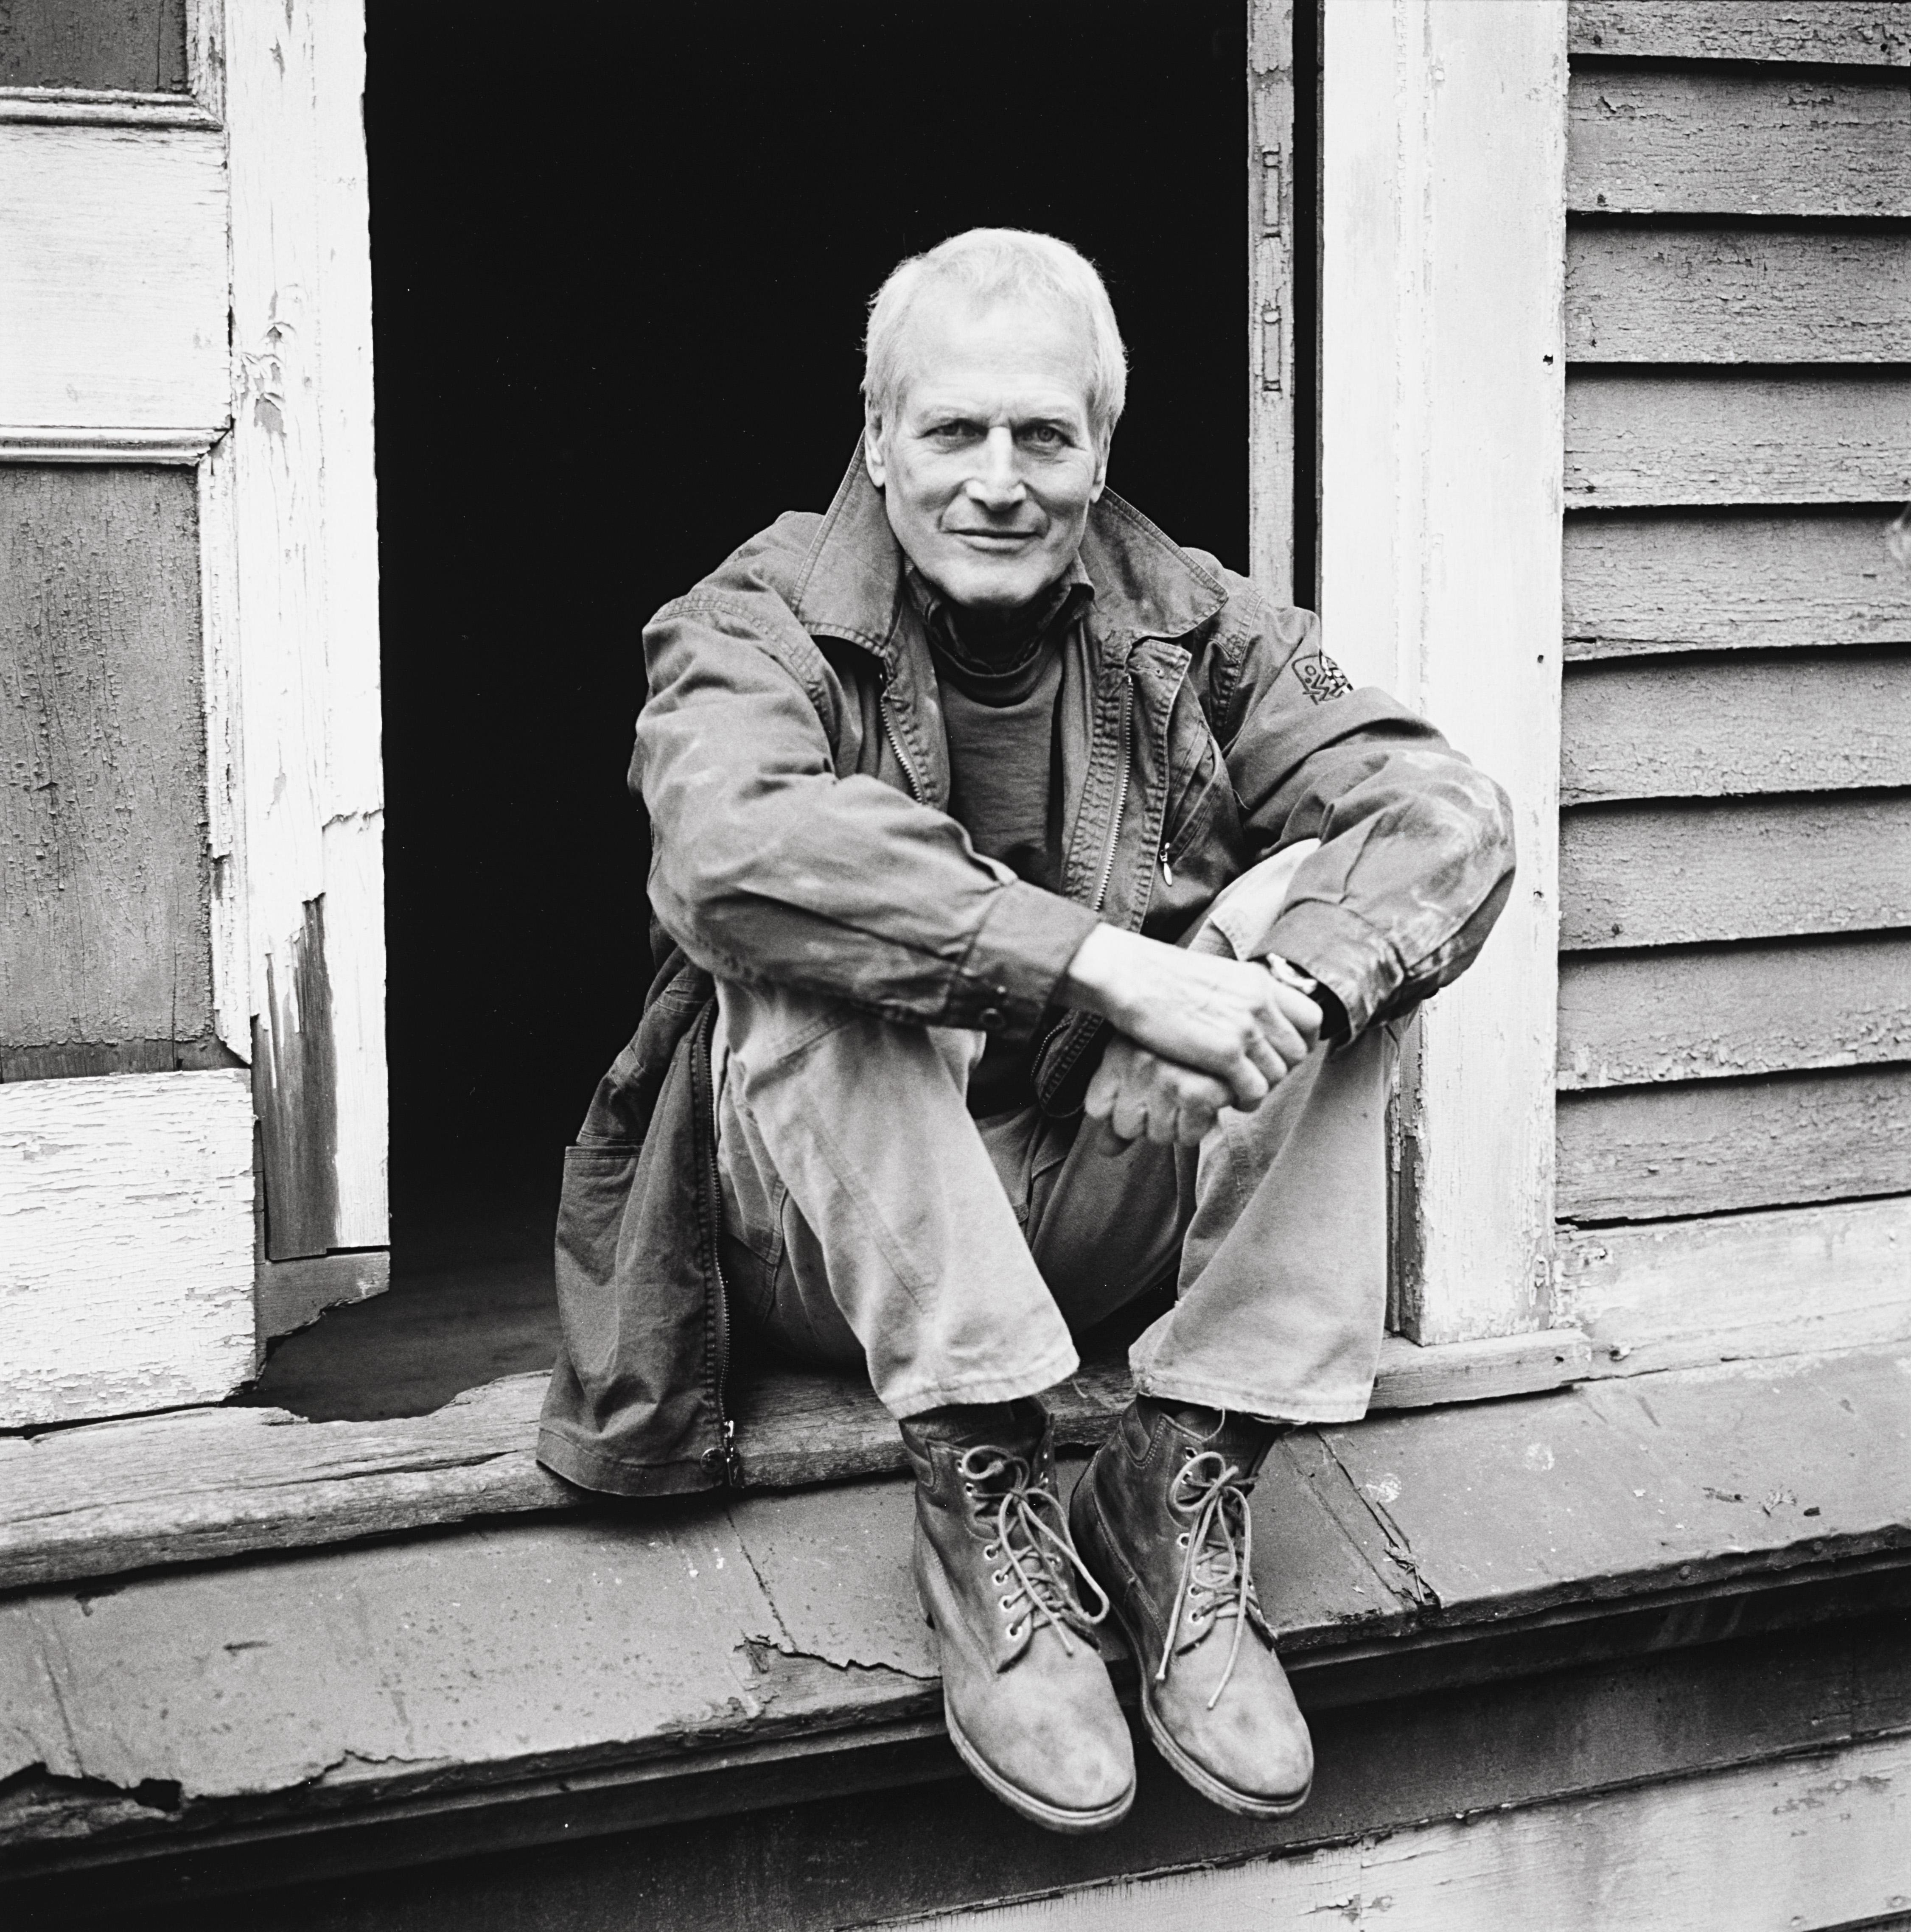 1990. Пол Ньюман. Нью-Йорк